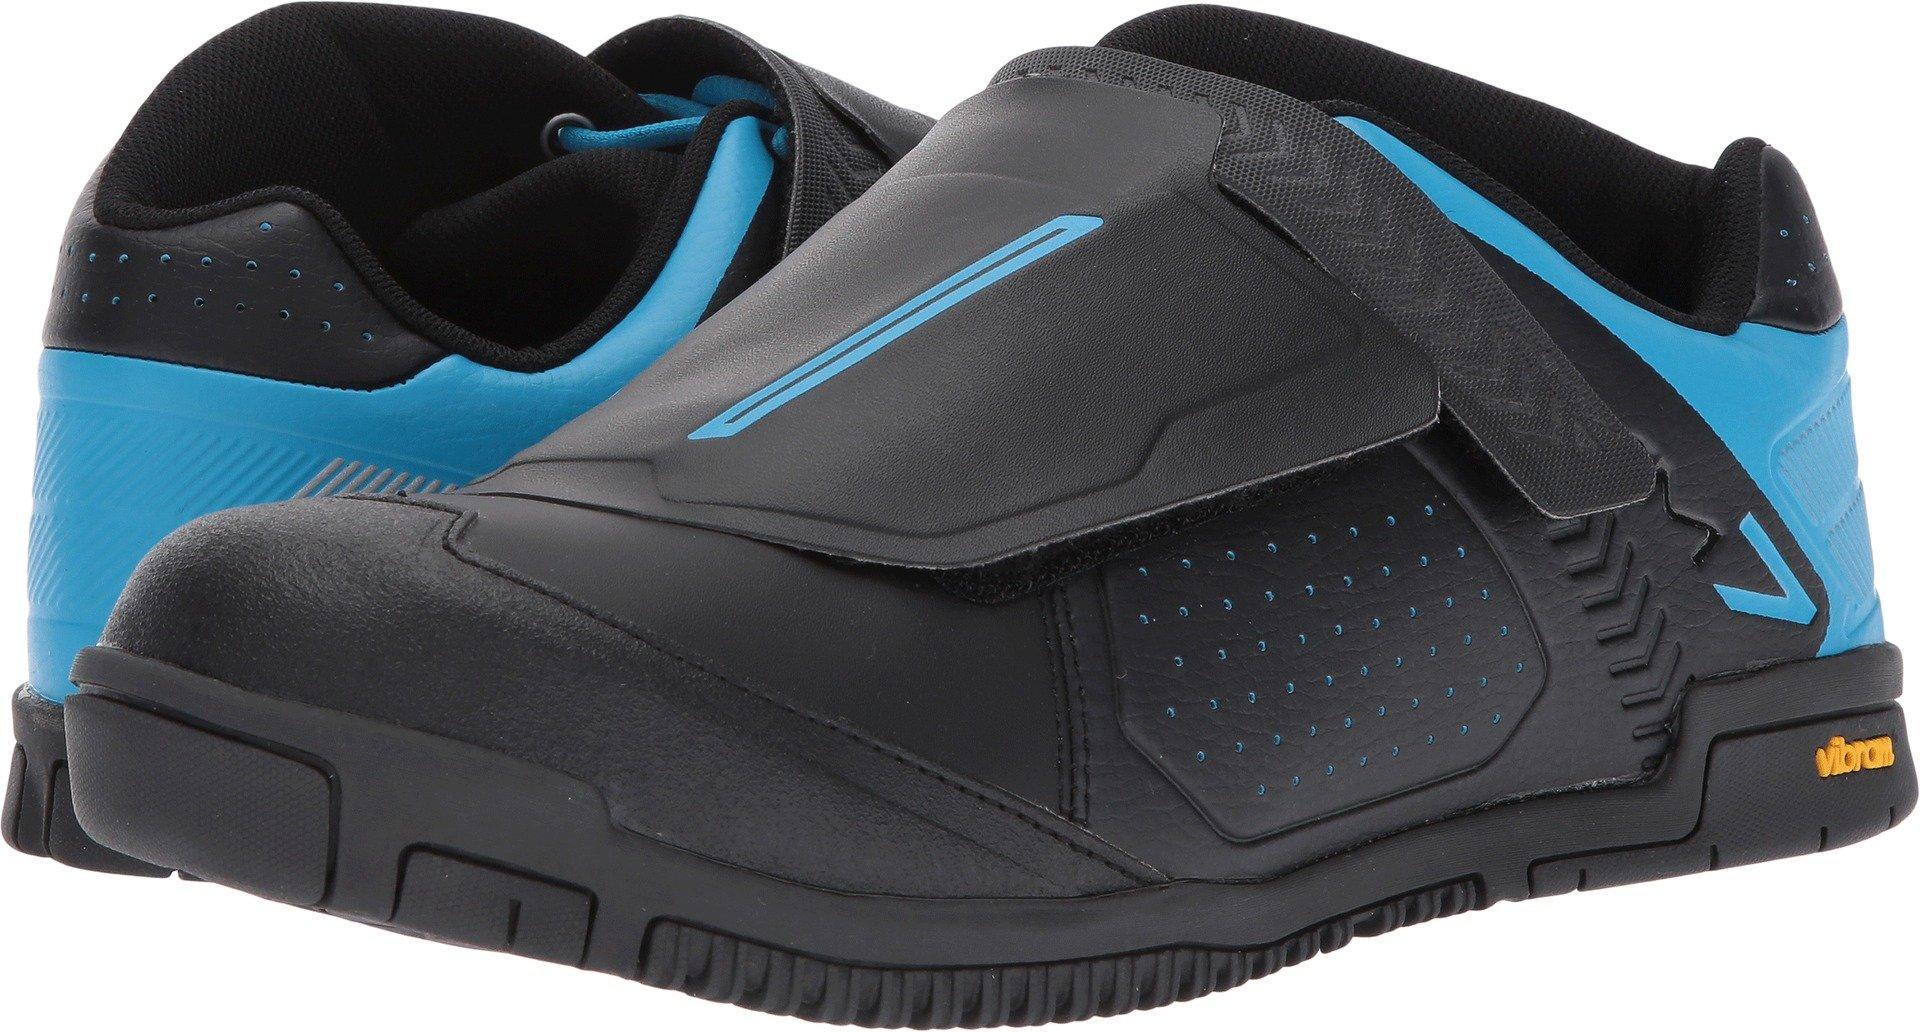 Shimano SH-AM7 Mountain Bike Shoes - Men's Black, 40.0